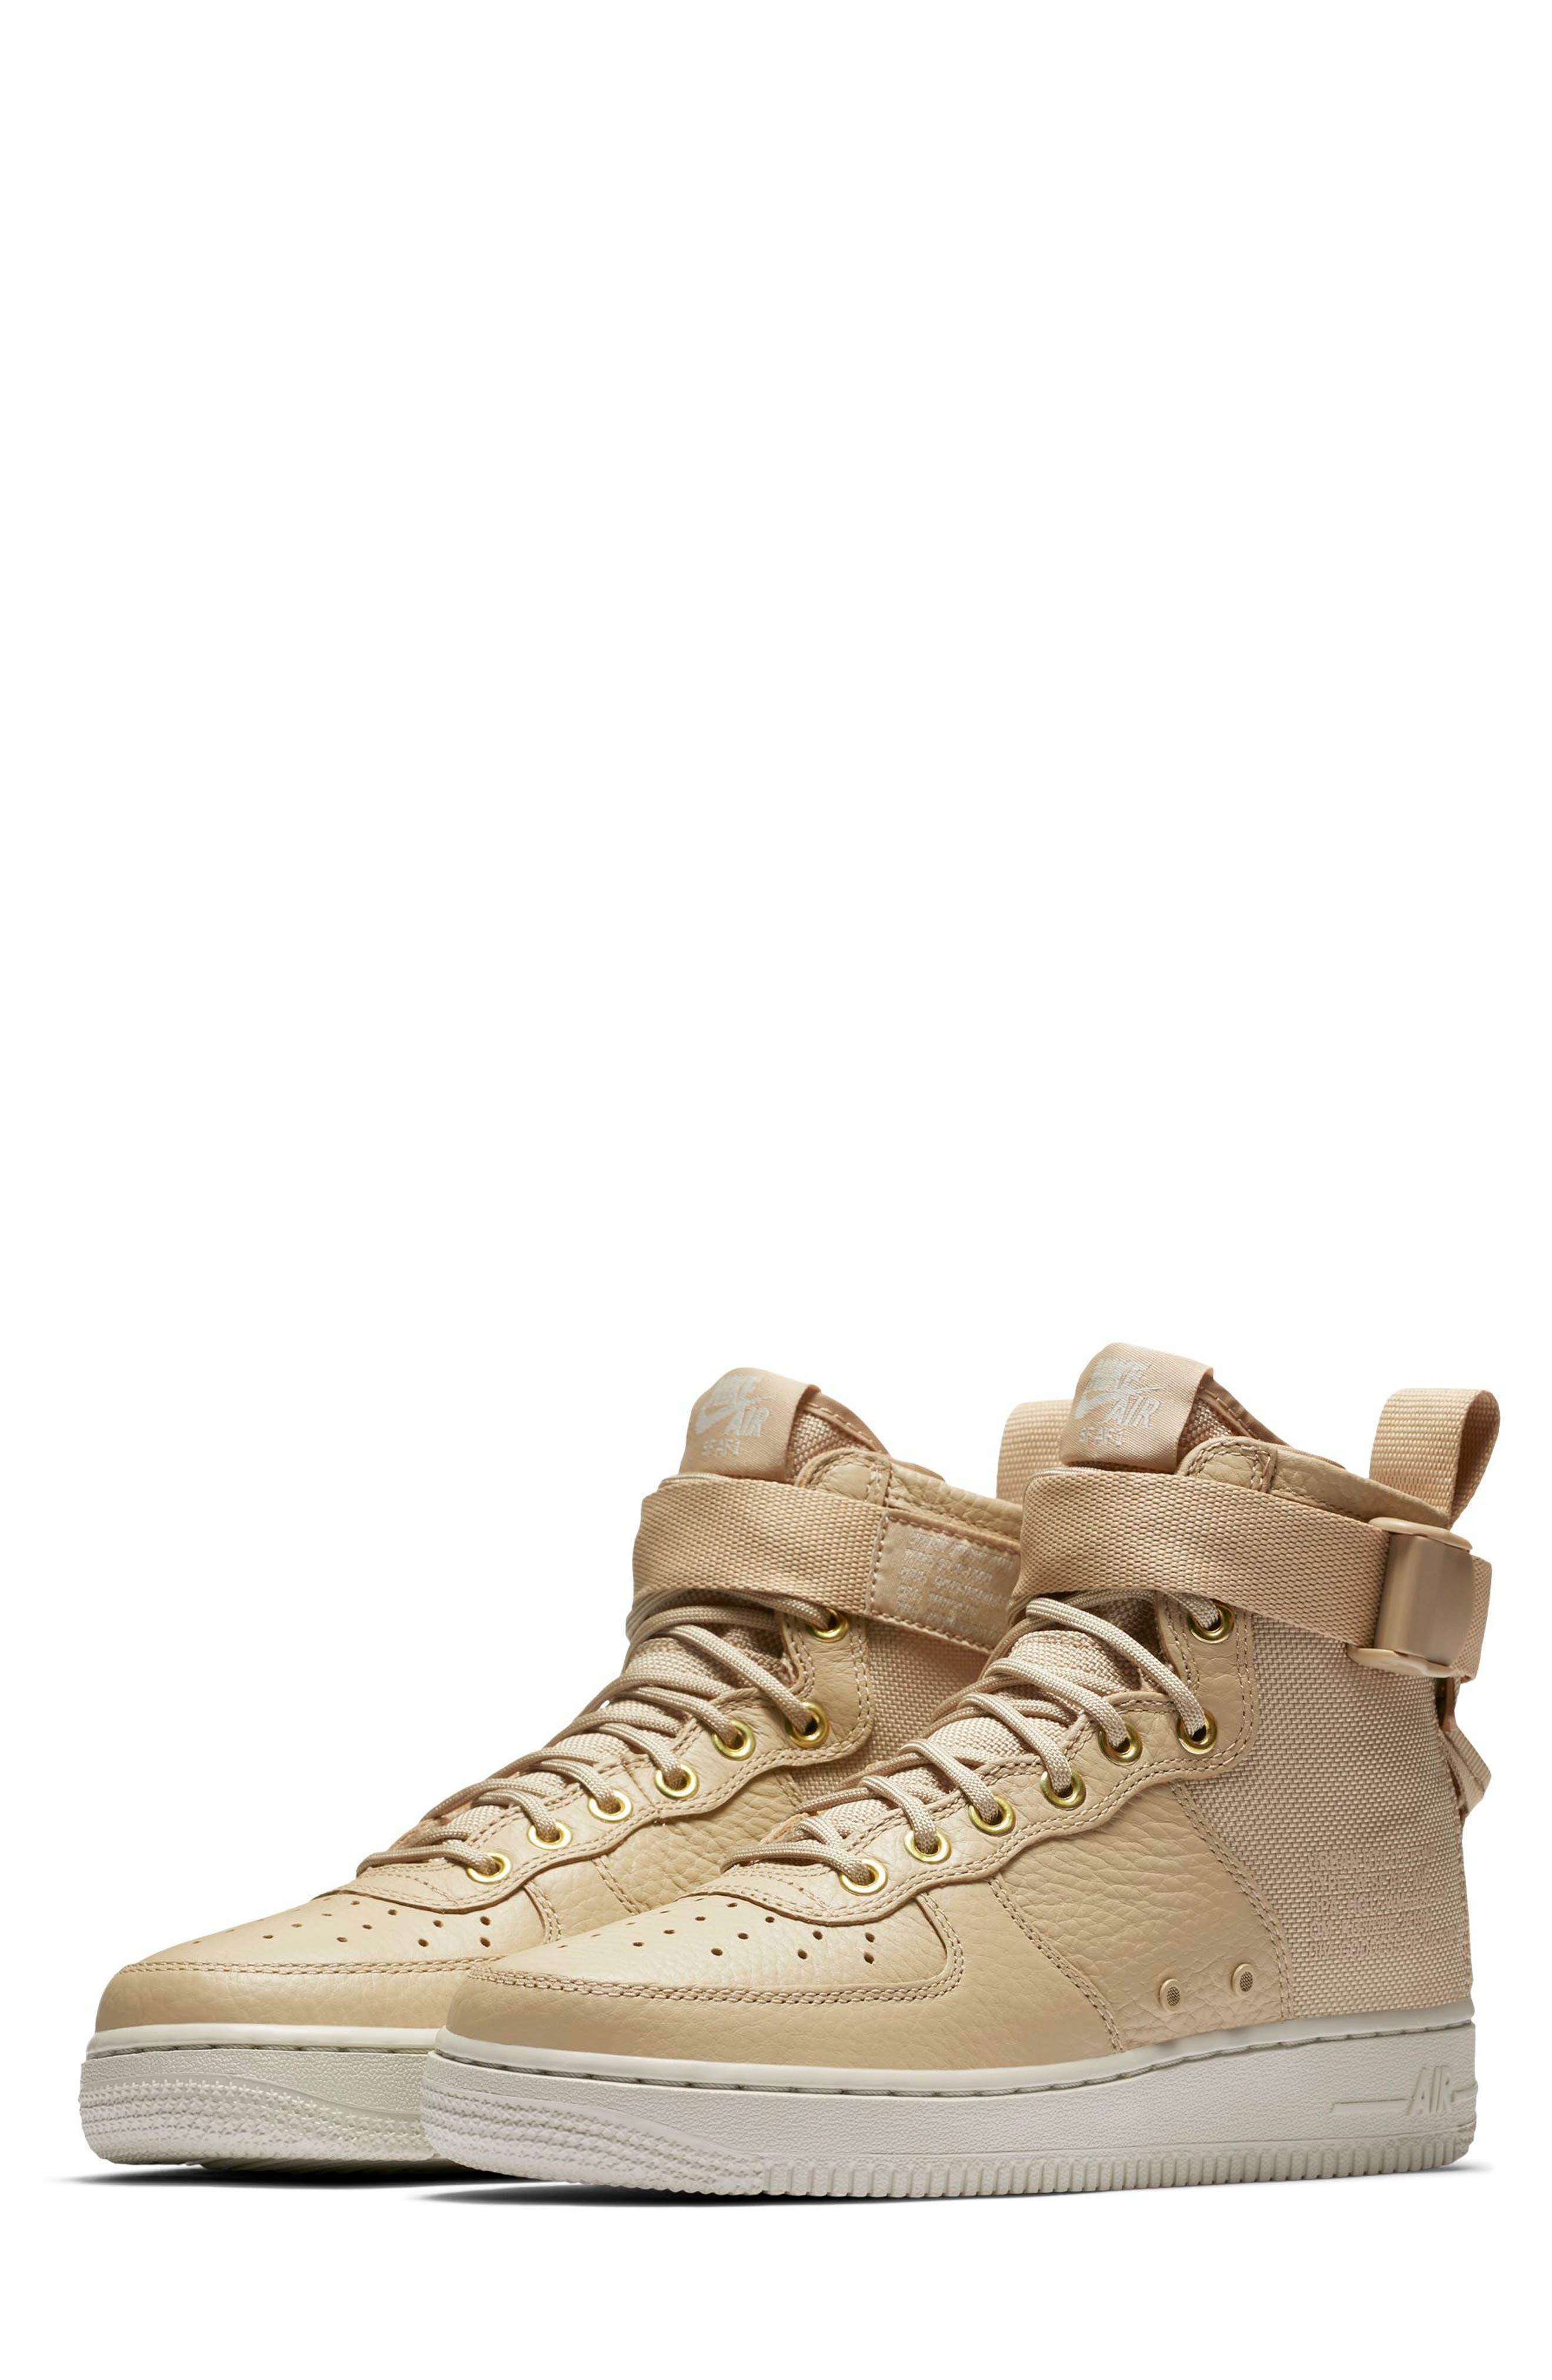 SF Air Force 1 Mid Sneaker,                             Main thumbnail 1, color,                             Mushroom/ Mushroom/ Light Bone